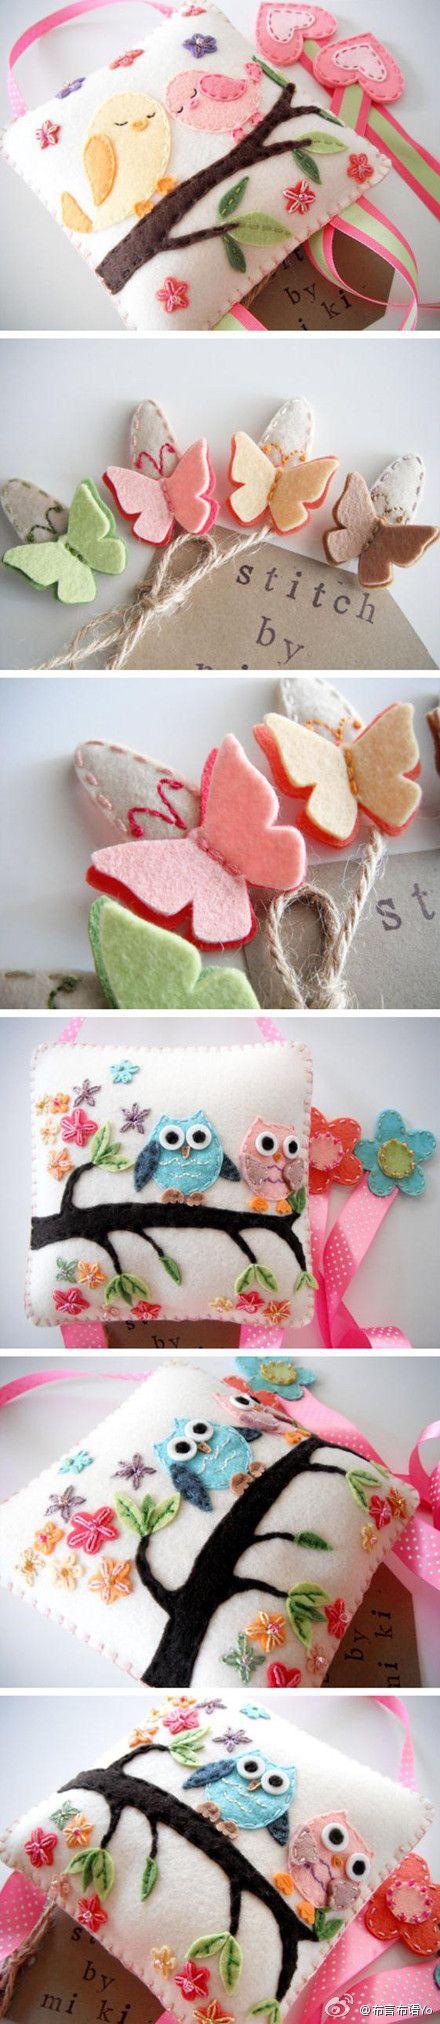 可爱的抱枕,怎么可以这么清新可爱,呵呵 lots of felt ideas craft